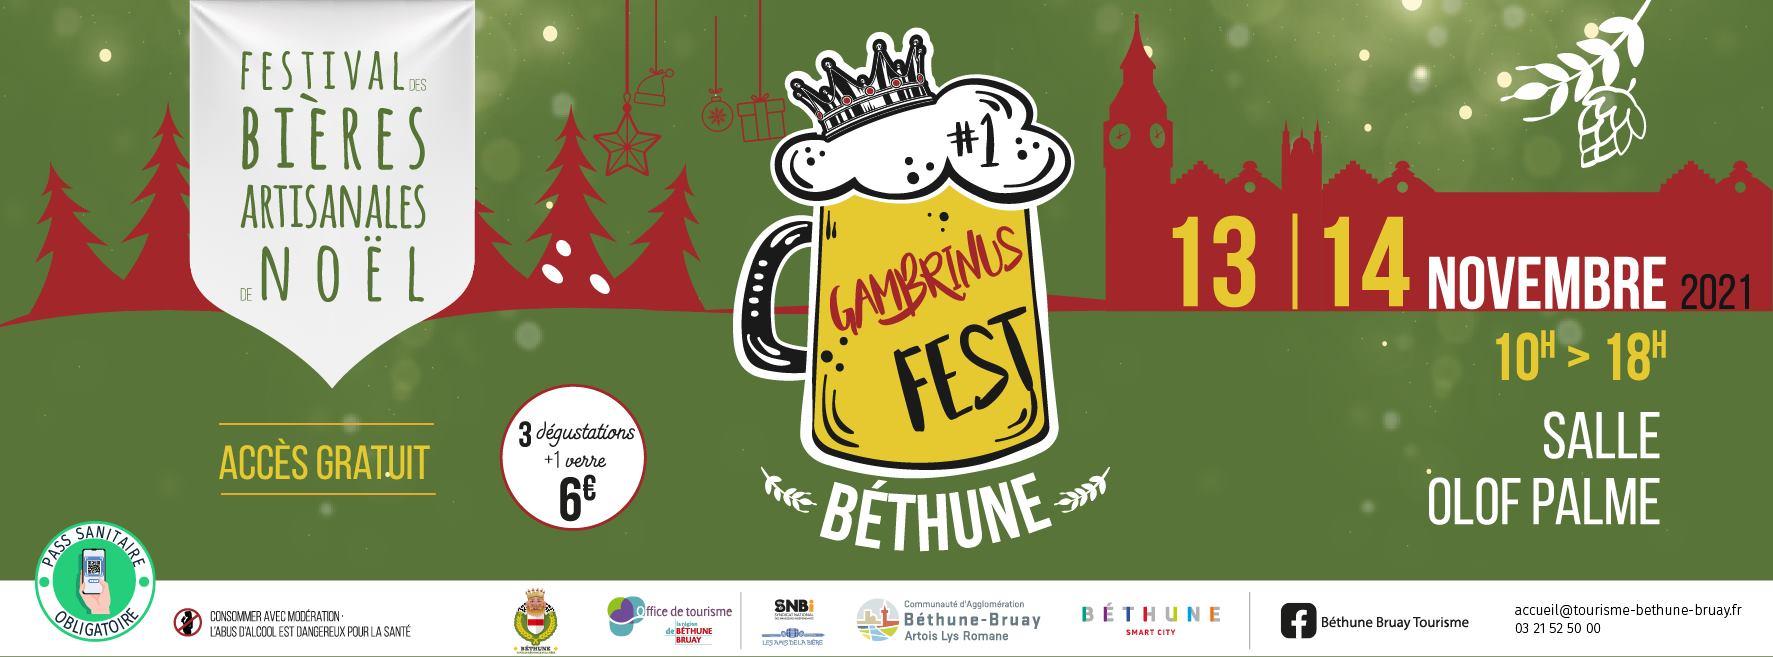 Festival des bières artisanales de Noël à Béthune @ Bethune